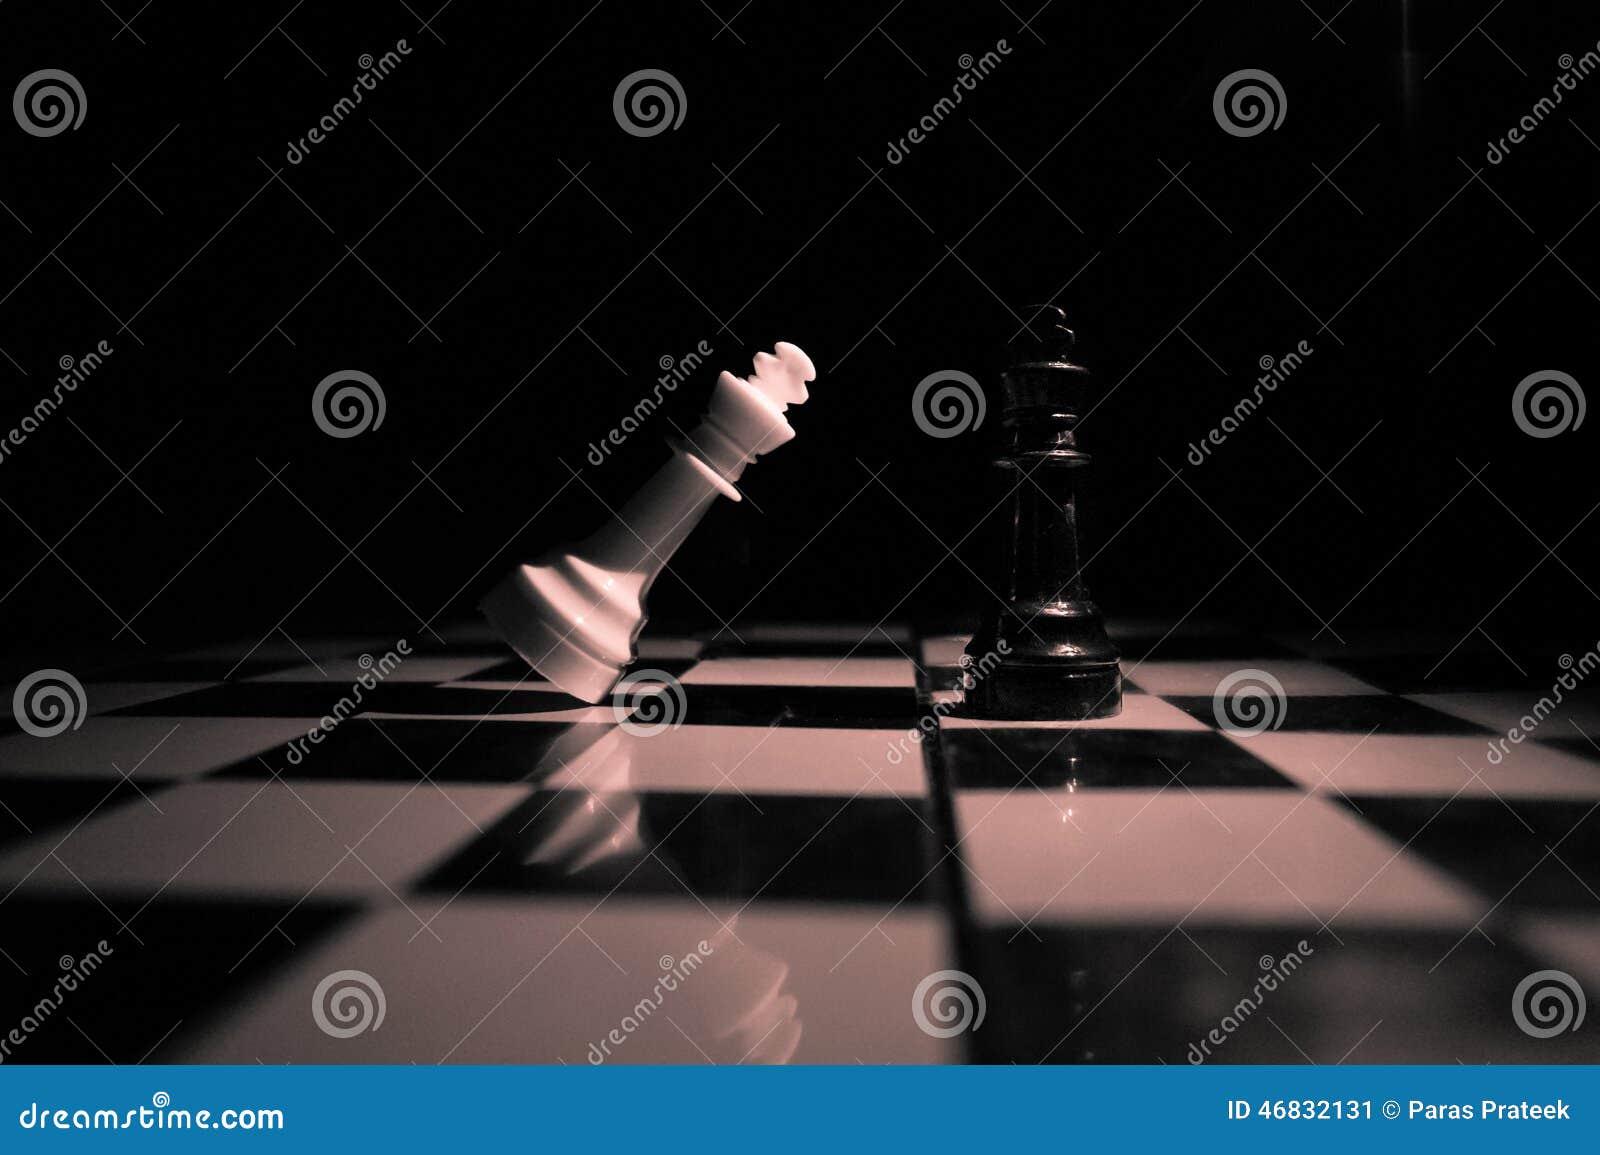 Black maten för förlust för viktign för leken för slutet för schacket för brädeaffärskontrollen, metafor sommonokromen över strat